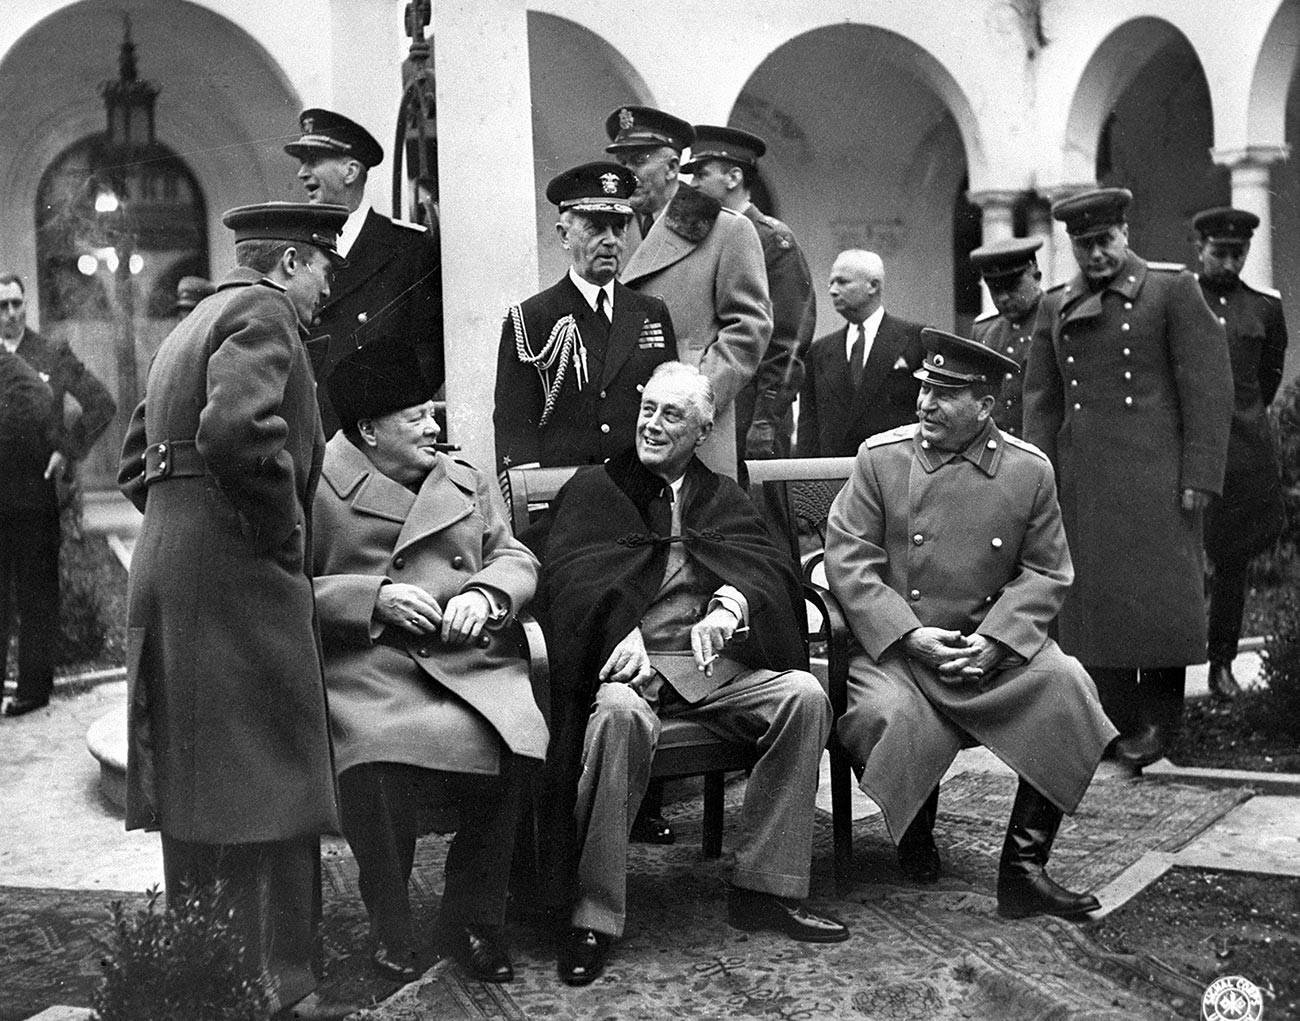 Die Jalta-Konferenz der drei Alliierten vom 4. bis 11. Februar 1945. Im Zentrum (von links nach rechts): der britische Premier Winston Churchill, US-Präsident Franklin D. Roosevelt und Marschall der Sowjetunion Josef Stalin.